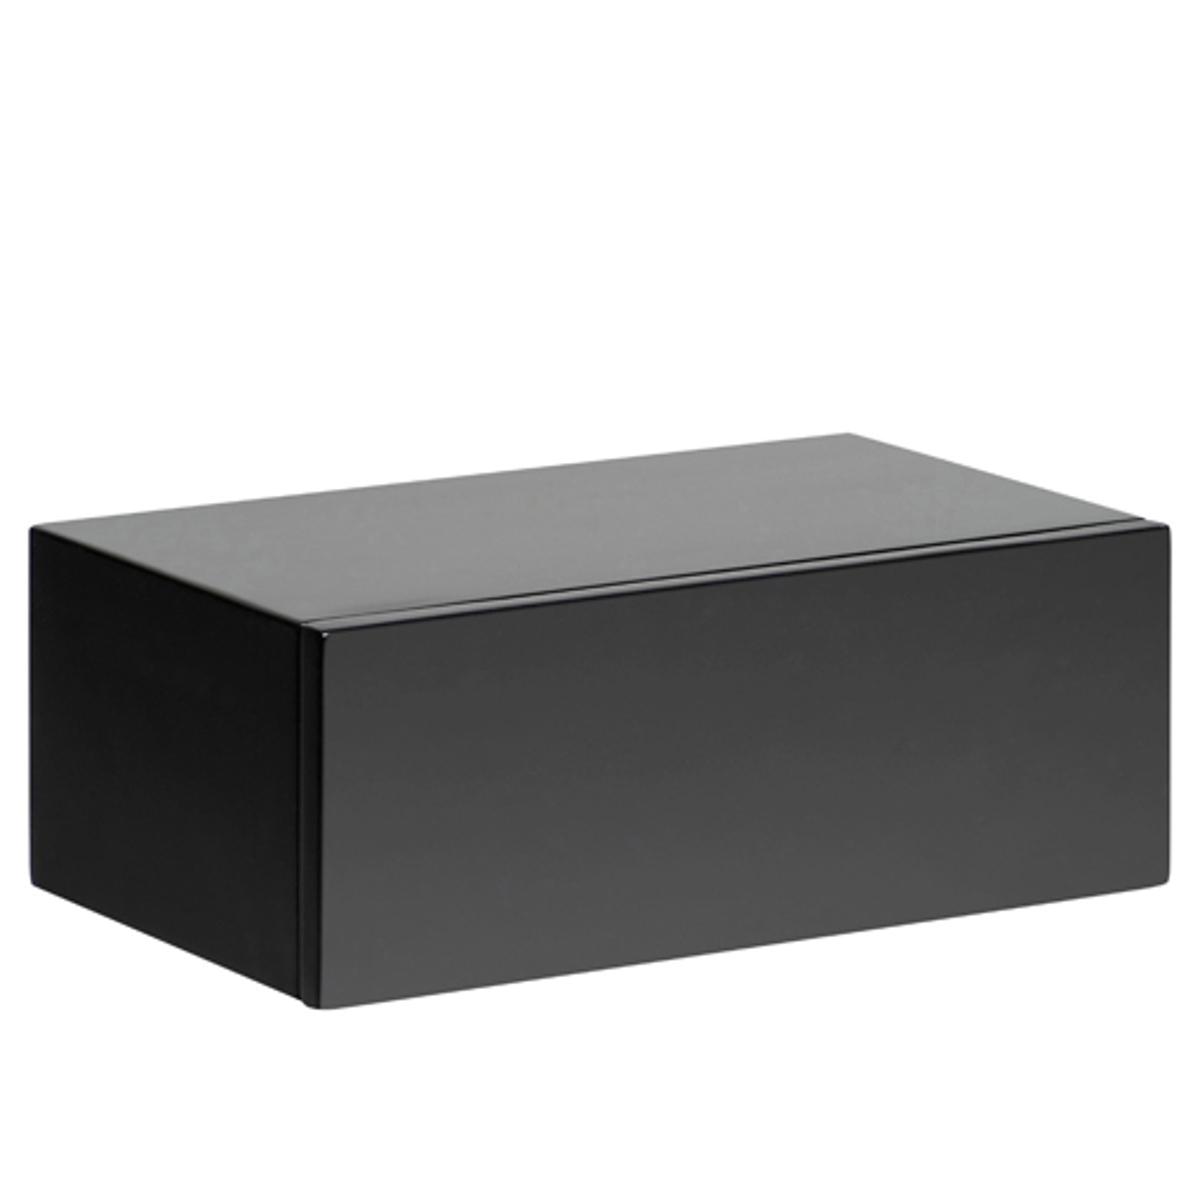 Тумба-шкаф LaRedoute Vesper 3 покрытия единый размер черный 3 картины laredoute wekoso единый размер черный